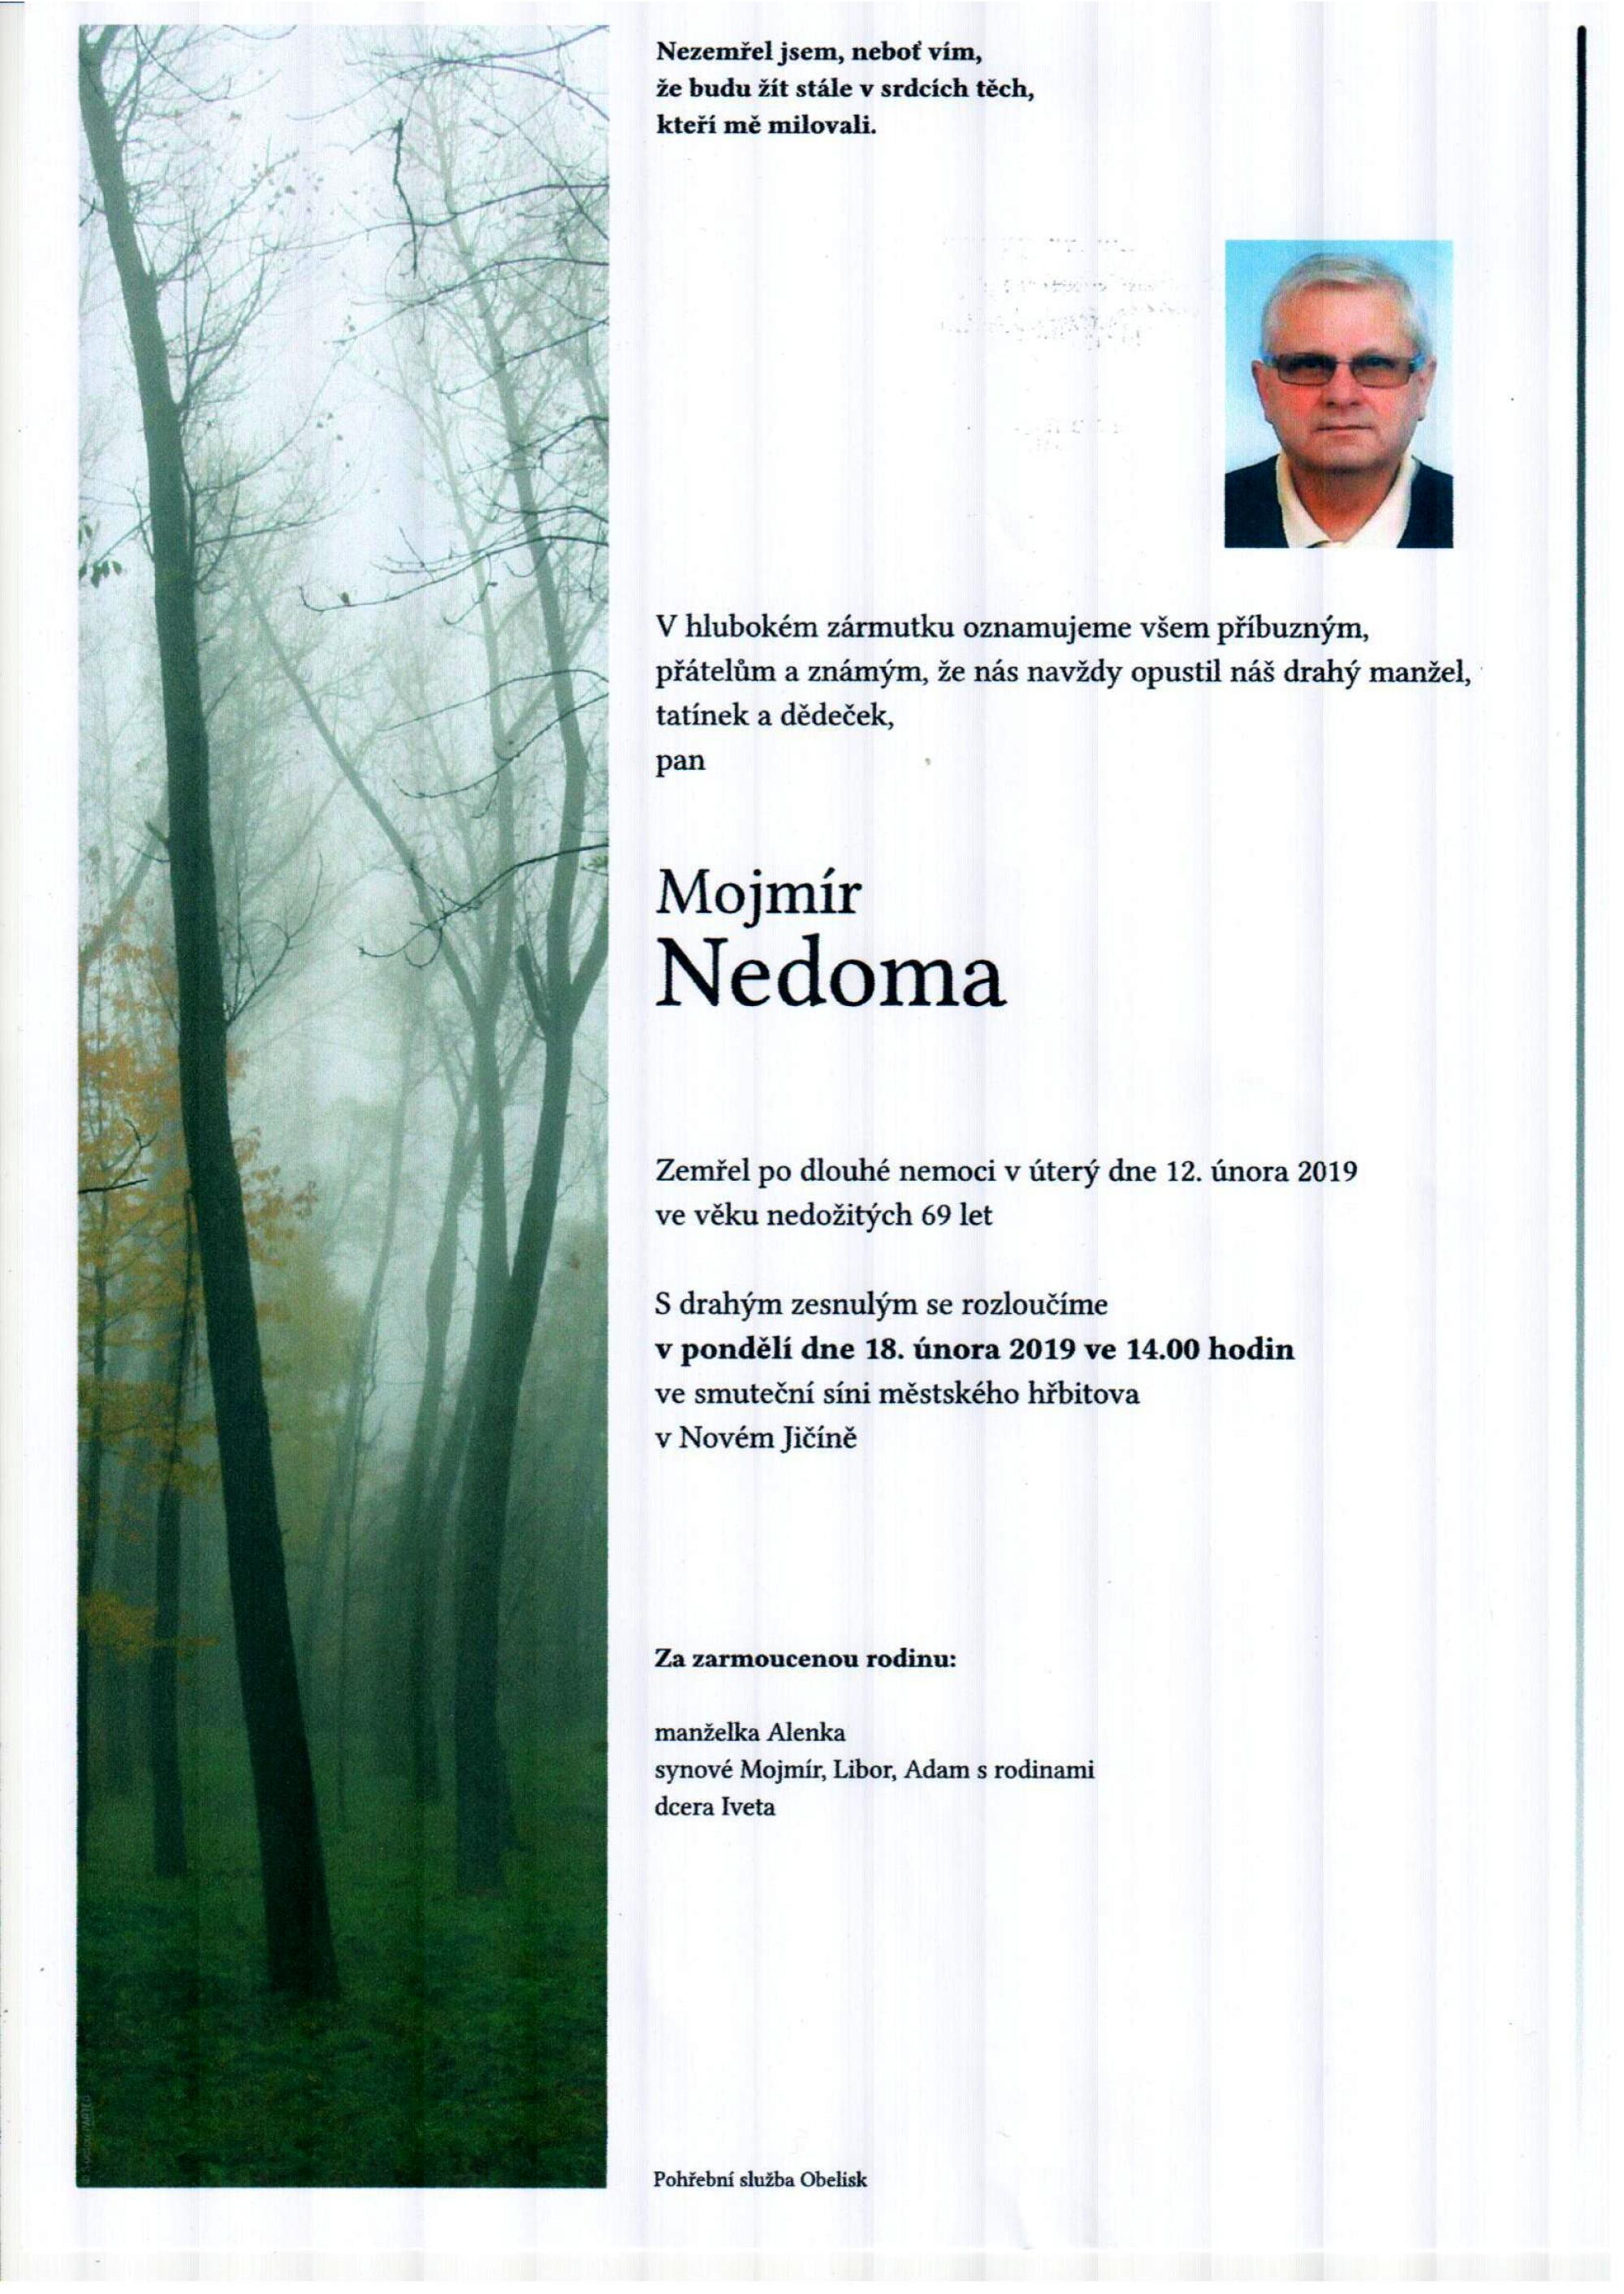 Mojmír Nedoma